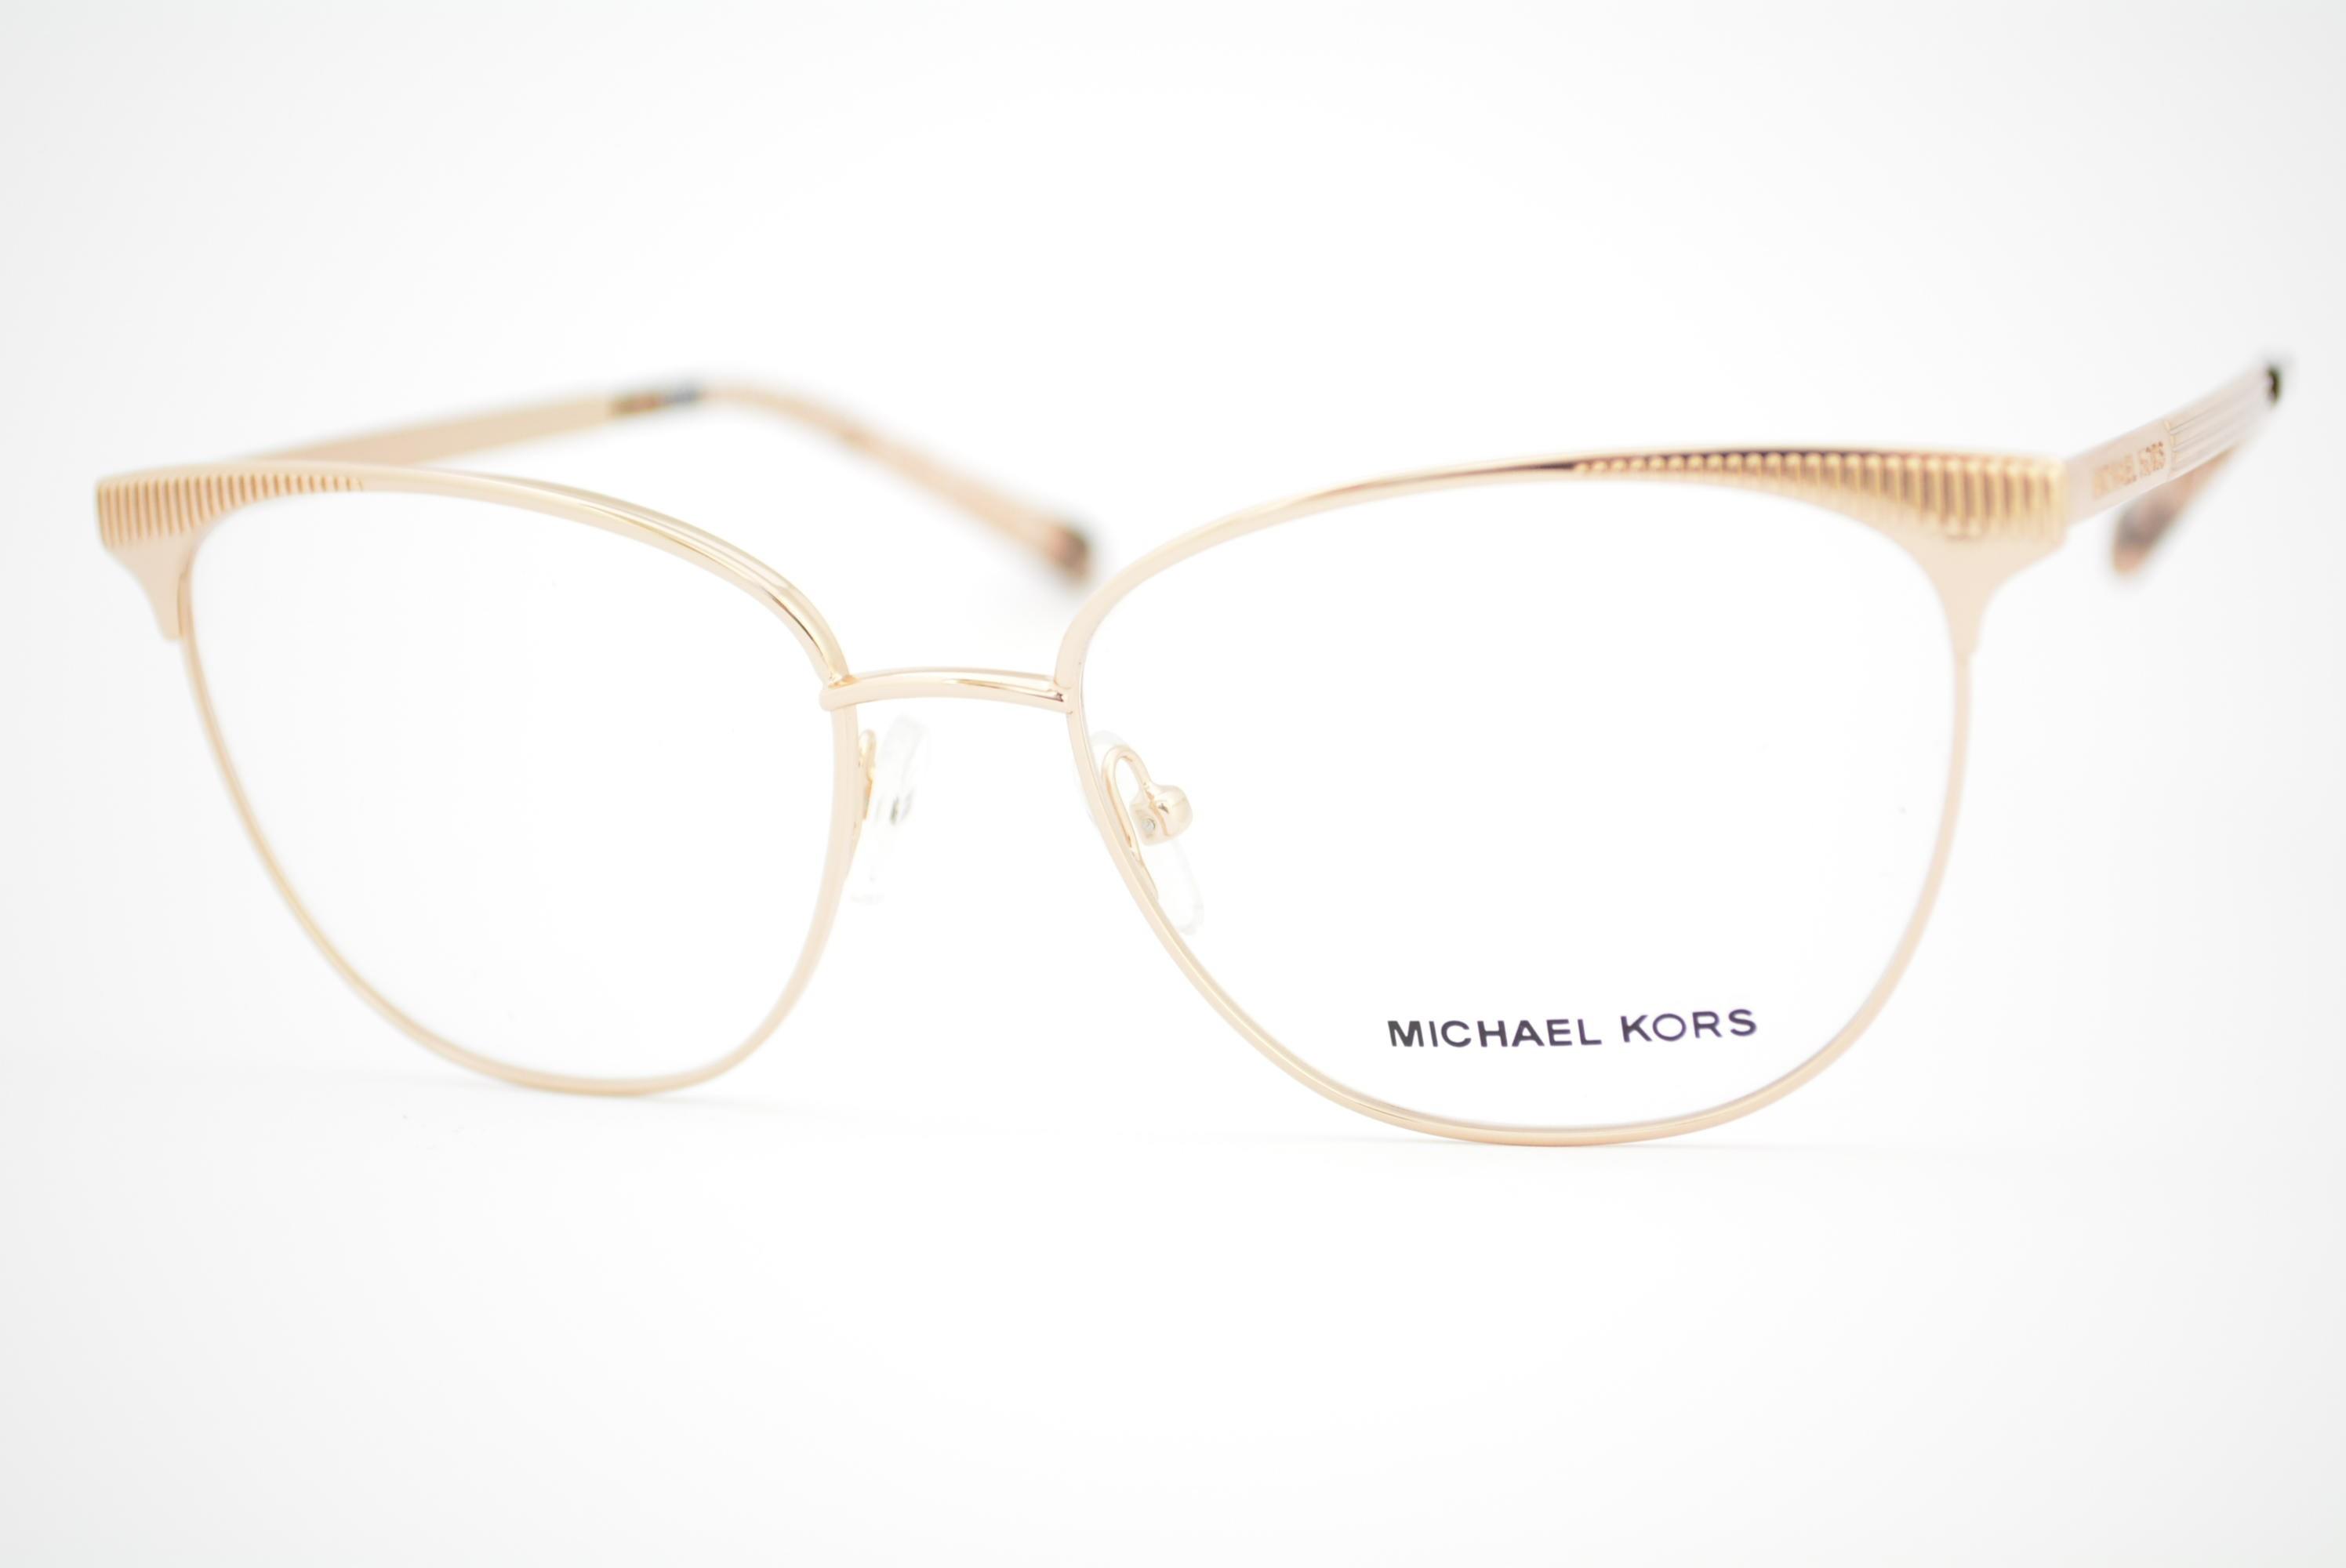 armação de óculos Michael Kors mod mk3018 1194 Ótica Cardoso 5ebf8309fb